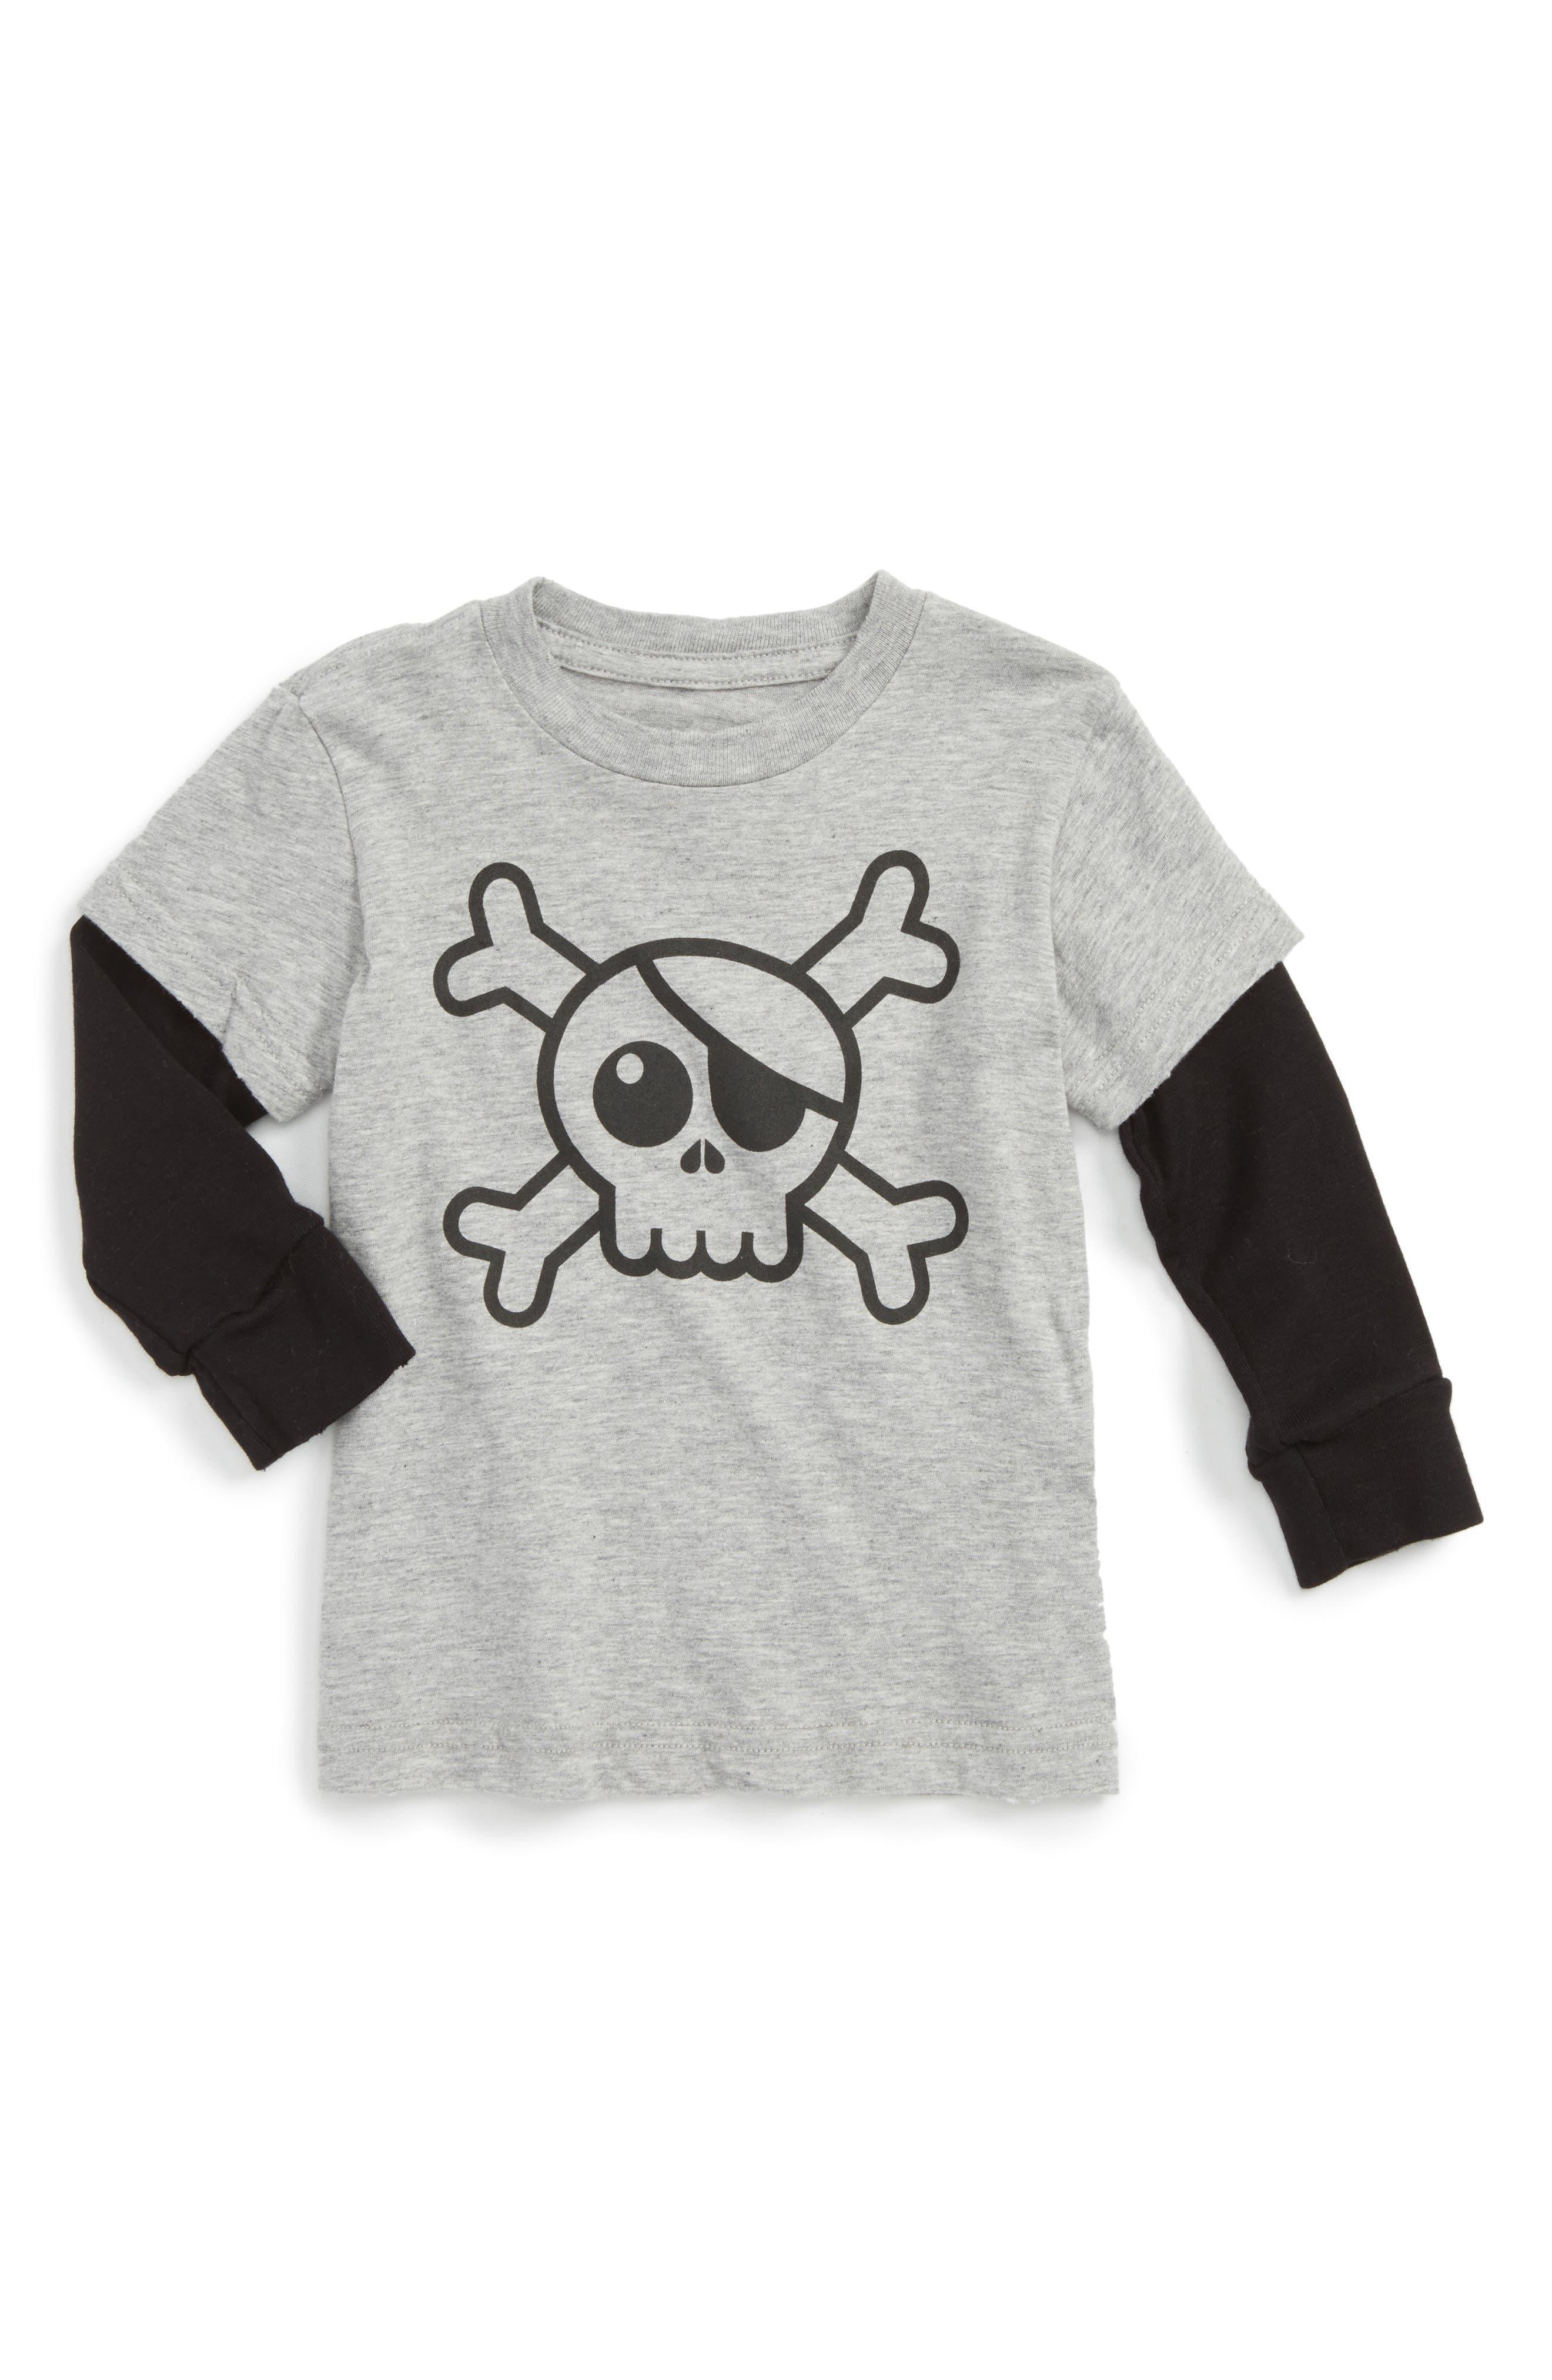 Main Image - NUNUNU Skull Graphic T-Shirt (Baby)